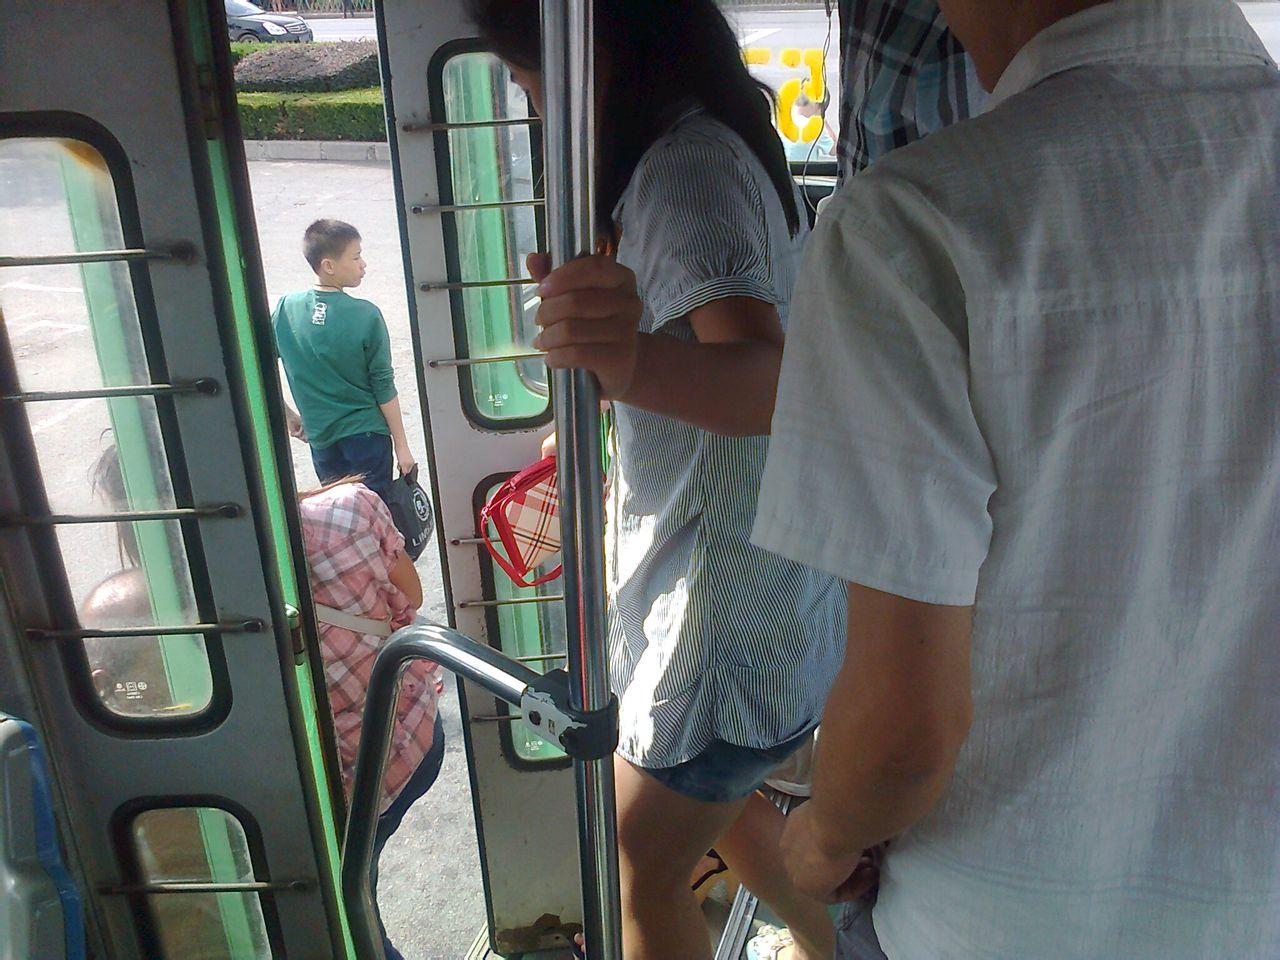 细数 洛阳那几辆最破的公交车 河南科技大学吧 百度贴吧 高清图片